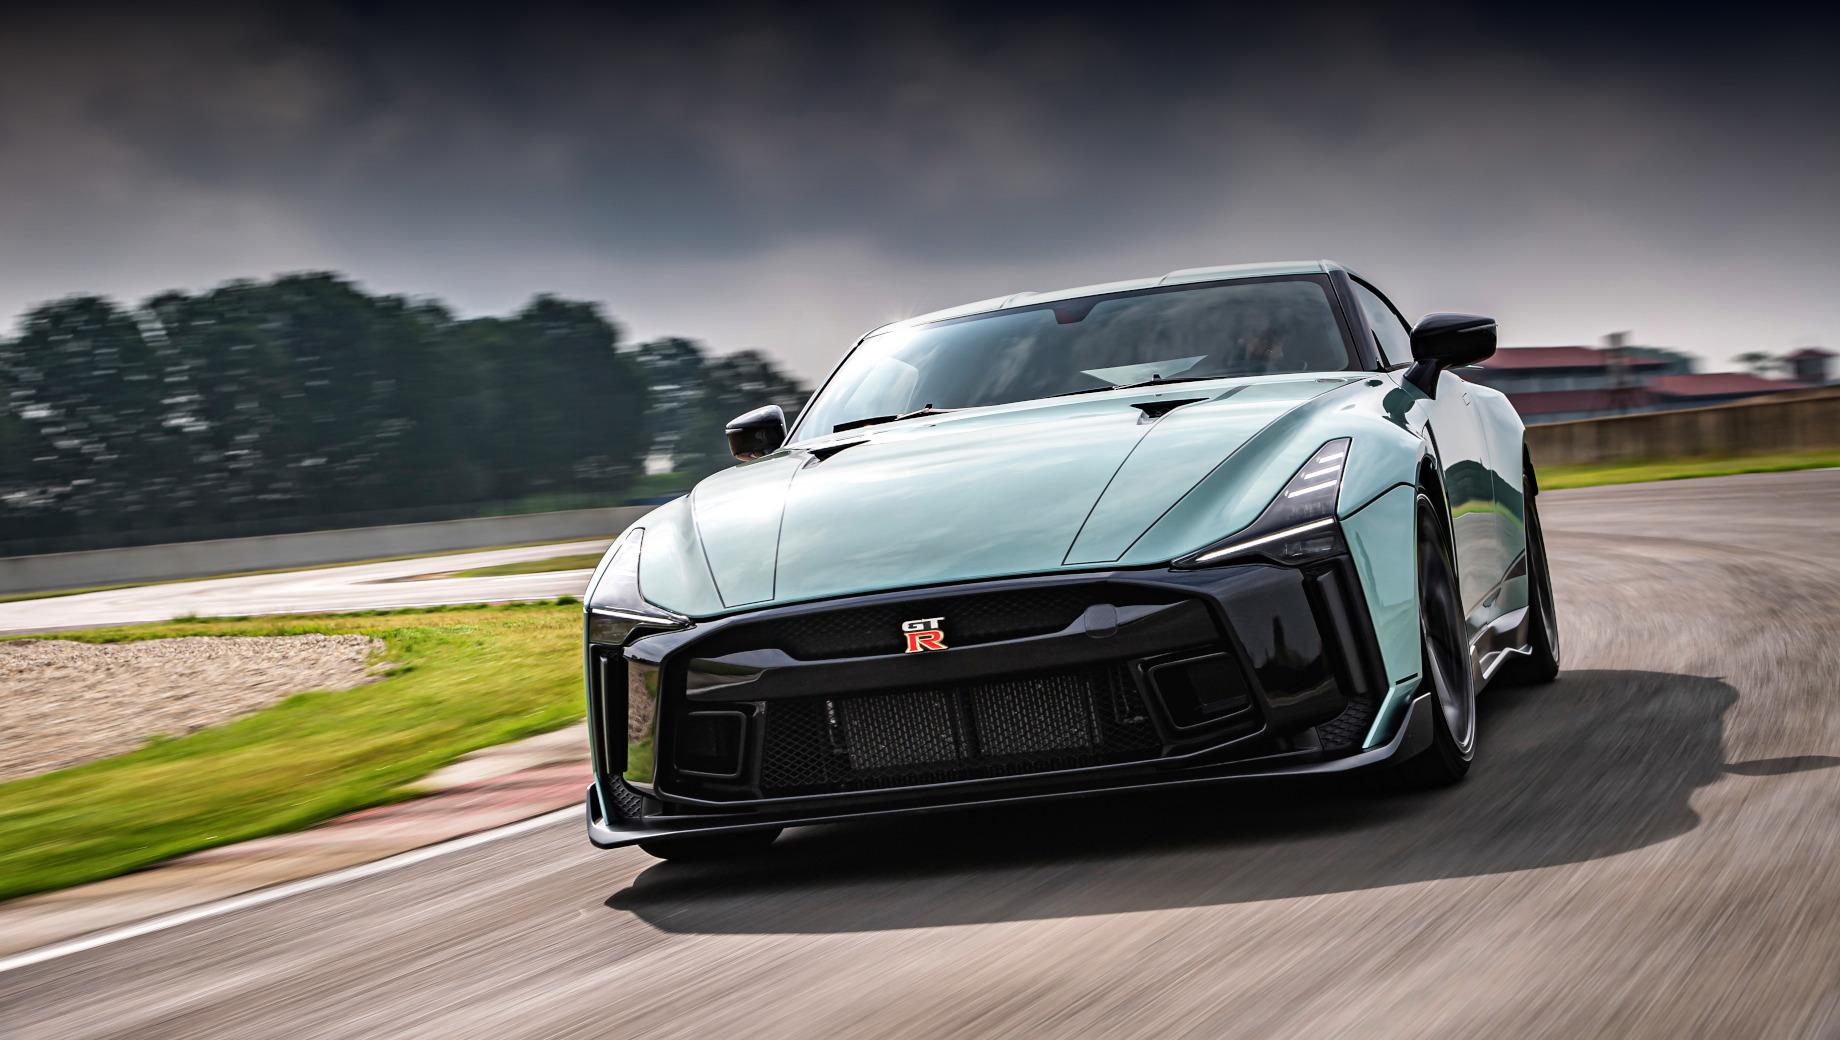 Премьера серийного купе Nissan GT-R 50 состоялась в Италии